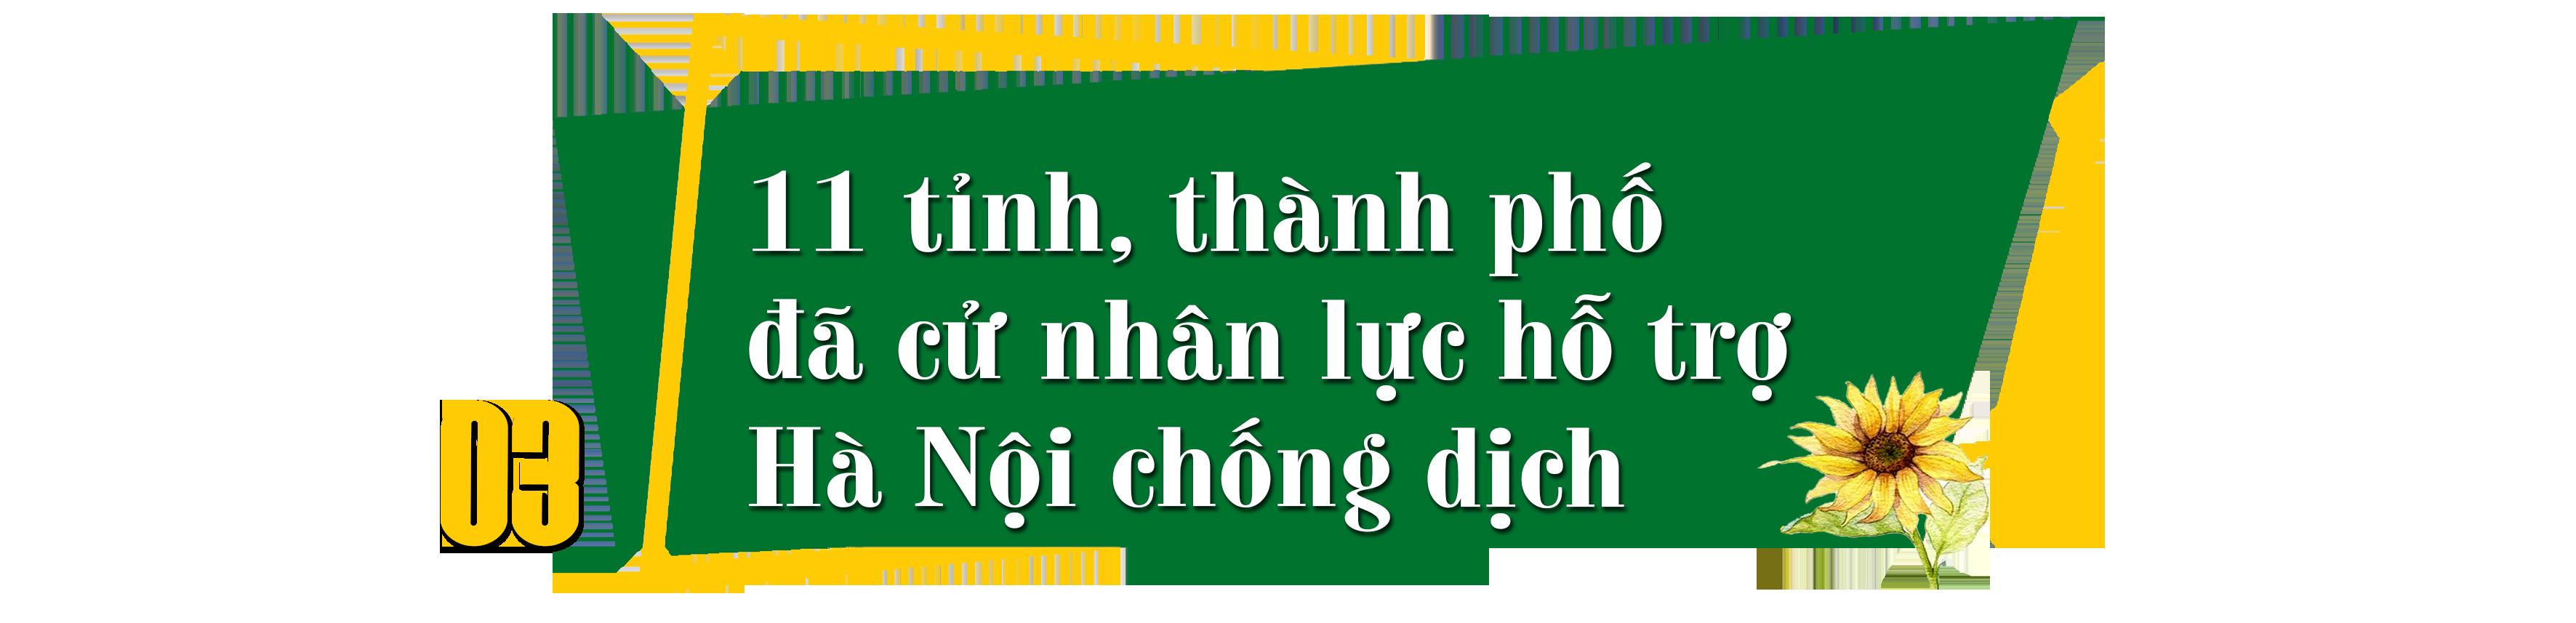 Hà Nội vận dụng hai mũi giáp công, quyết giữ vùng xanh cho Nhân dân